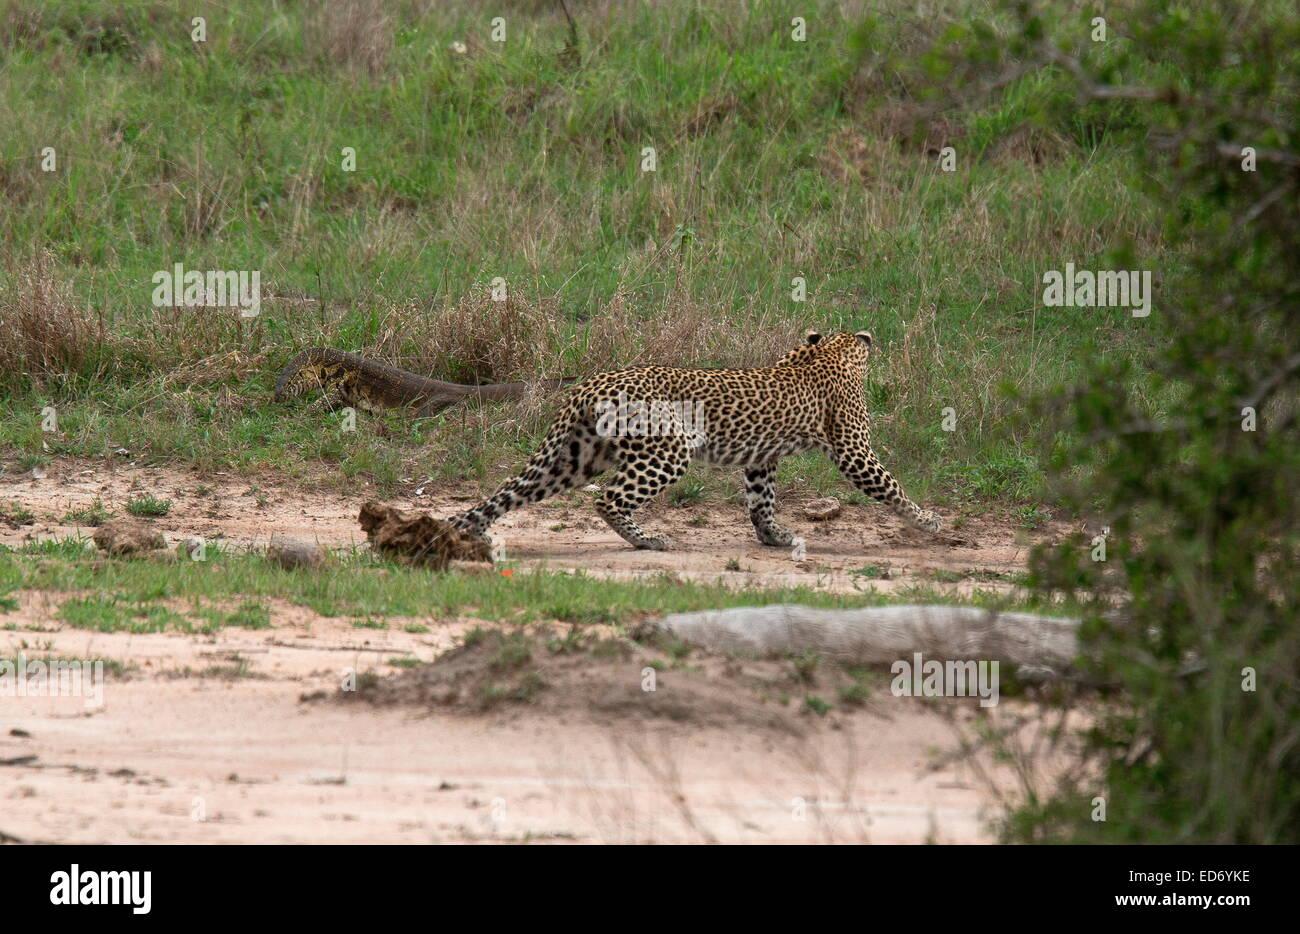 Leopardo Panthera pardus, evitando cuidadosamente un gran monitor del Nilo en el Parque Nacional Kruger, Sudáfrica Foto de stock